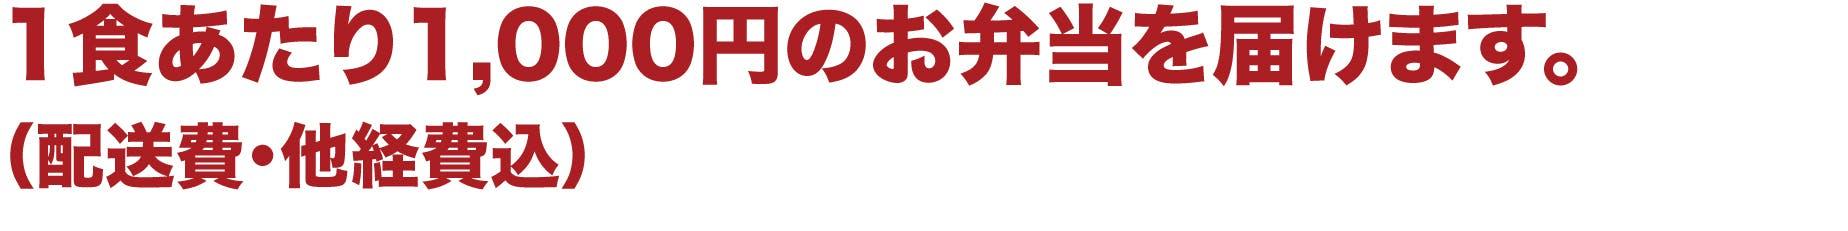 1食あたり1,000円のお弁当を届けます。(配送費・他経費込)